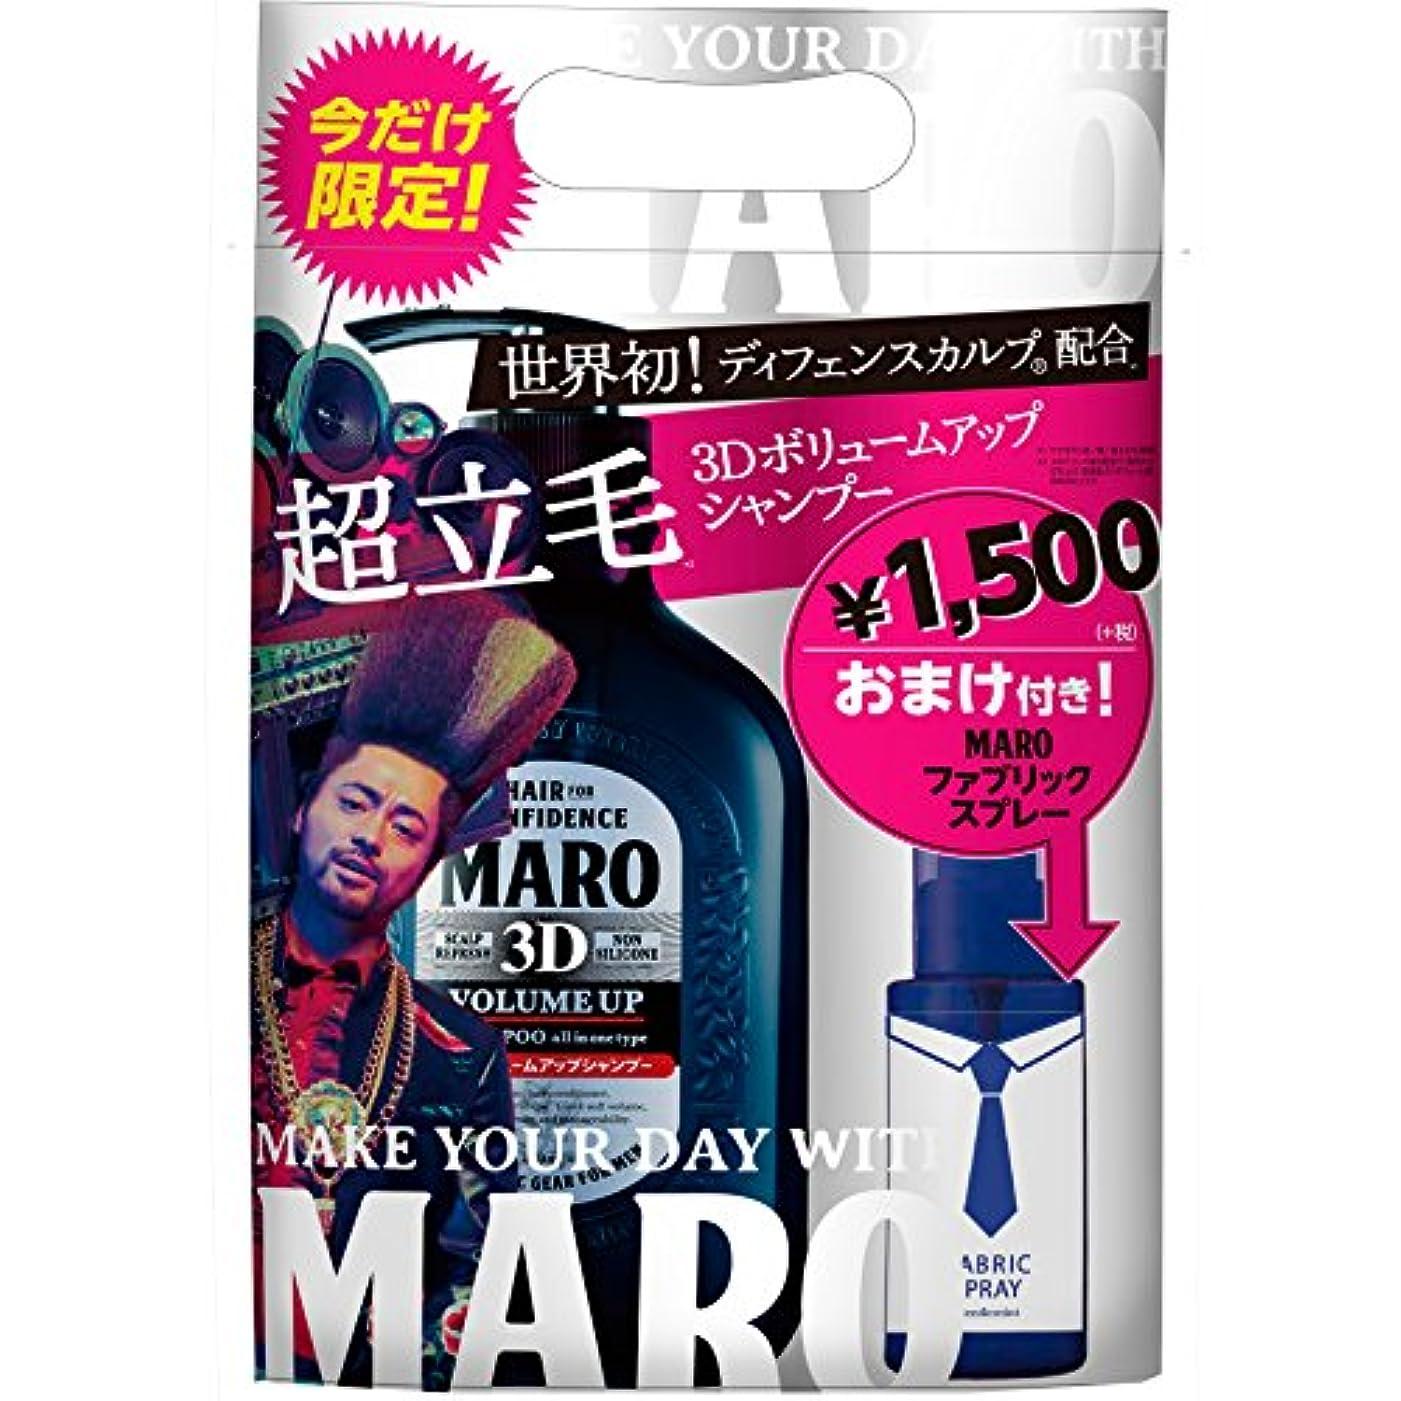 クランプ称賛早いMARO 3DボリュームアップシャンプーEX ファブリックスプレー付 460ml